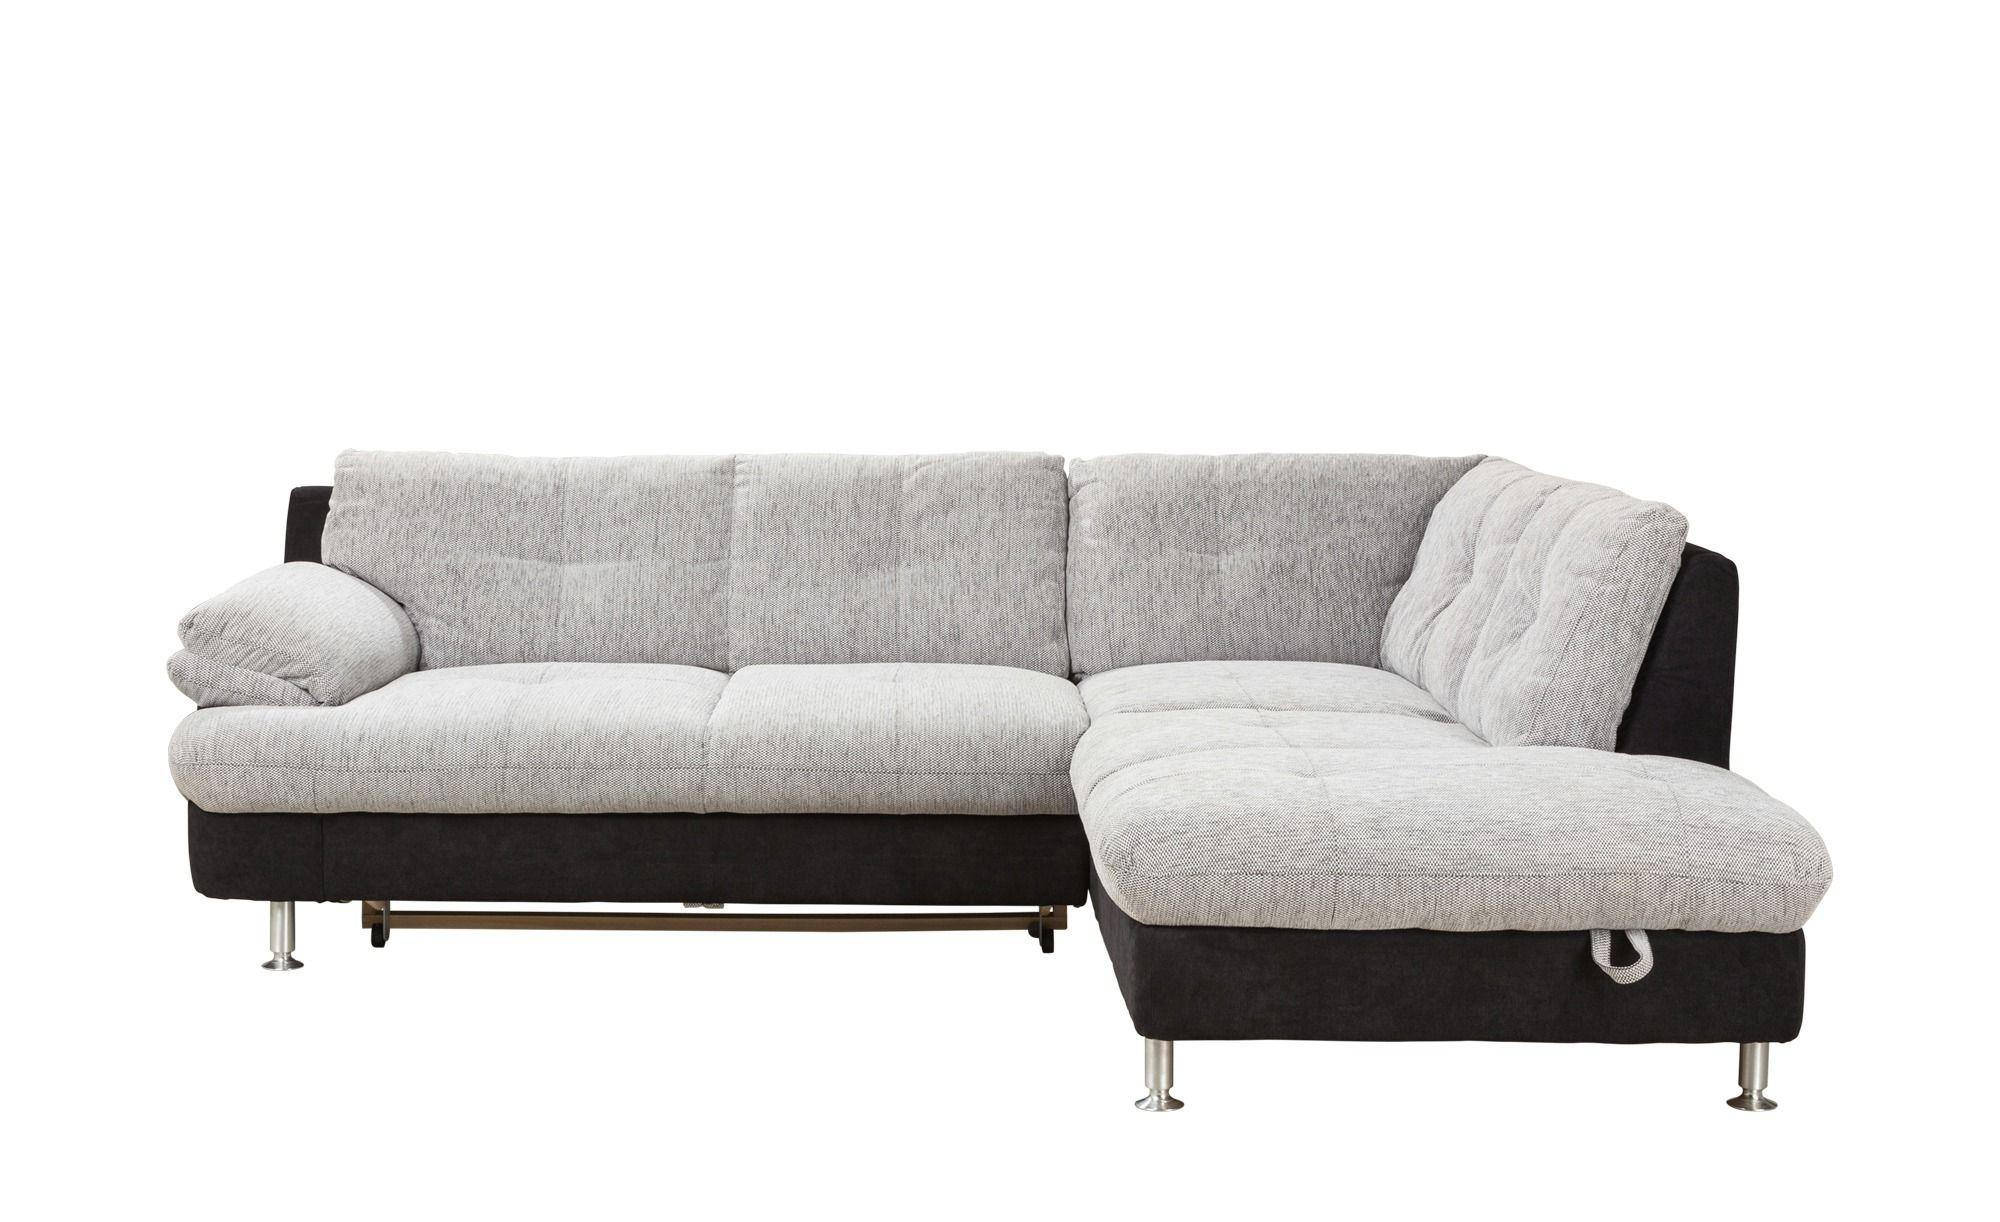 Ecksofa mit schlaffunktion beige  Großes Ecksofa mit Schlaffunktion Beatha | Wohnzimmer | Pinterest